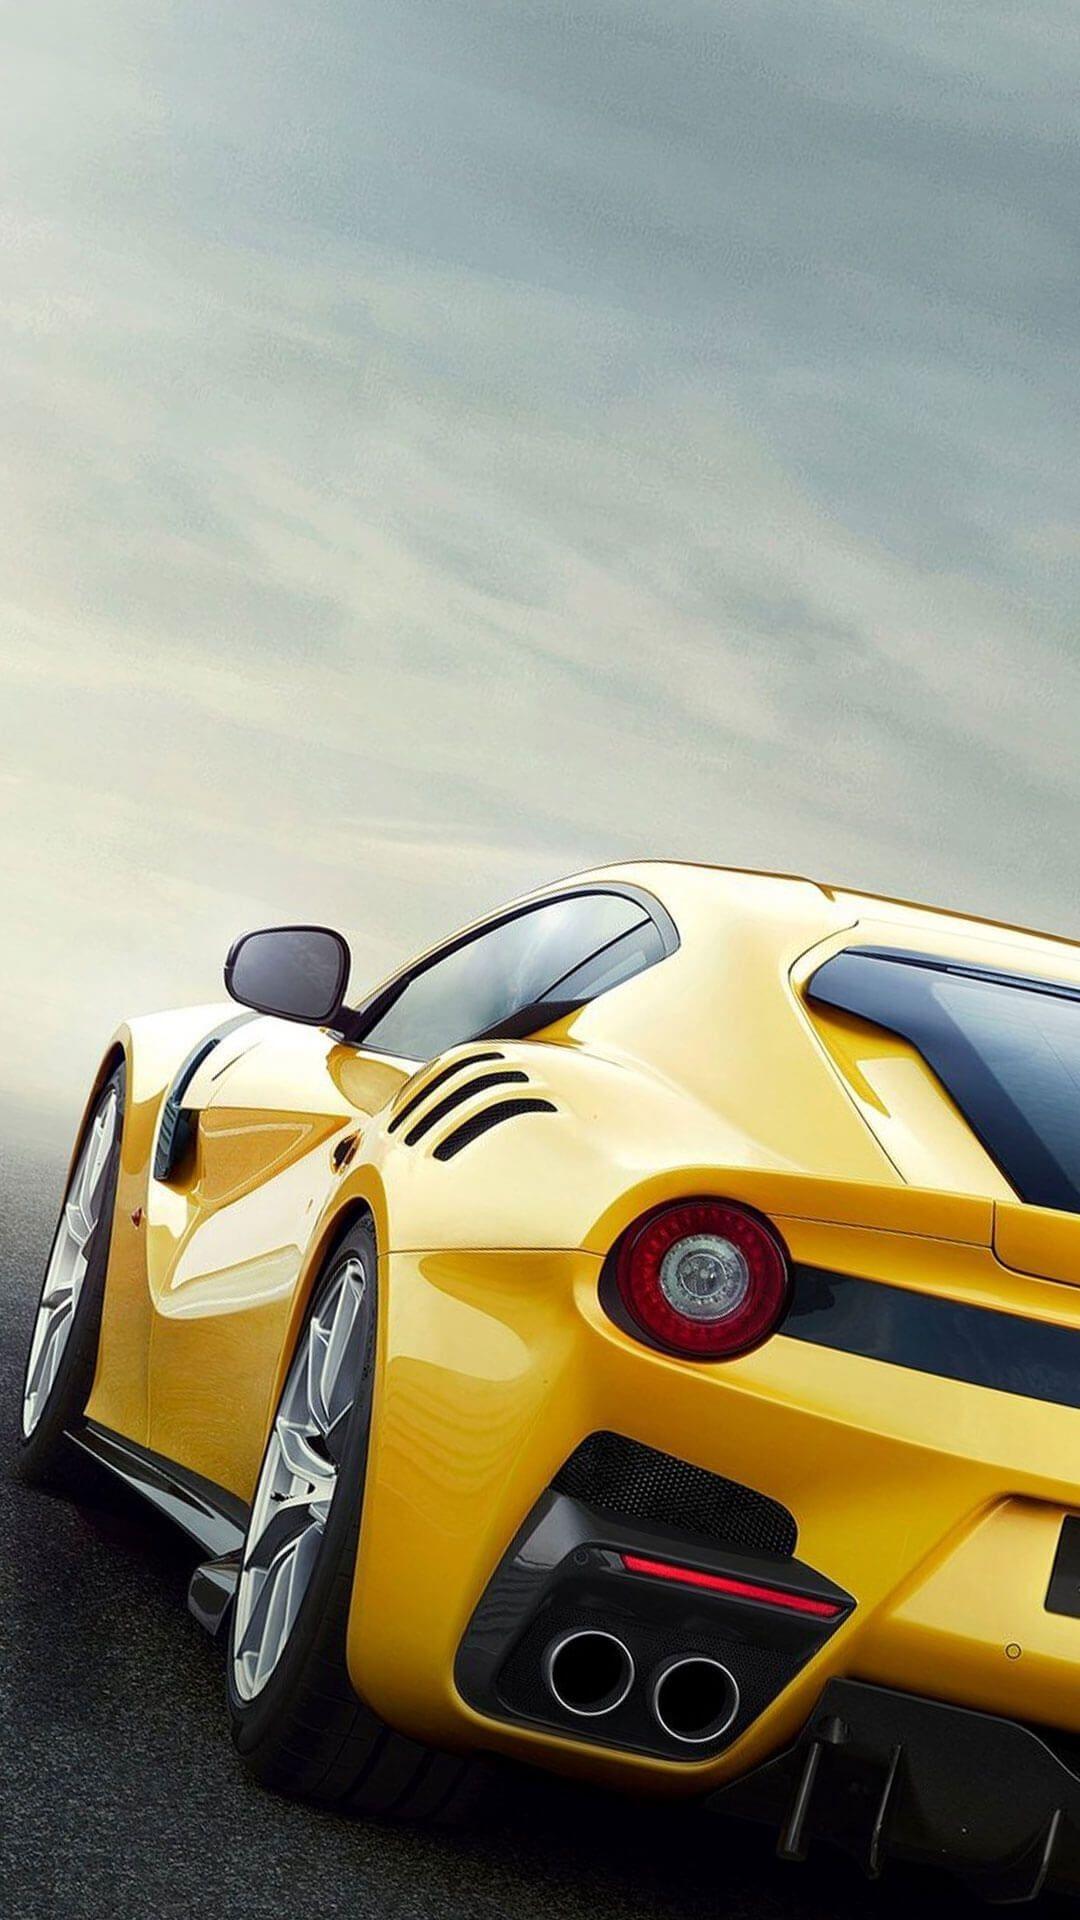 Best Wallpaper Car iPhone X